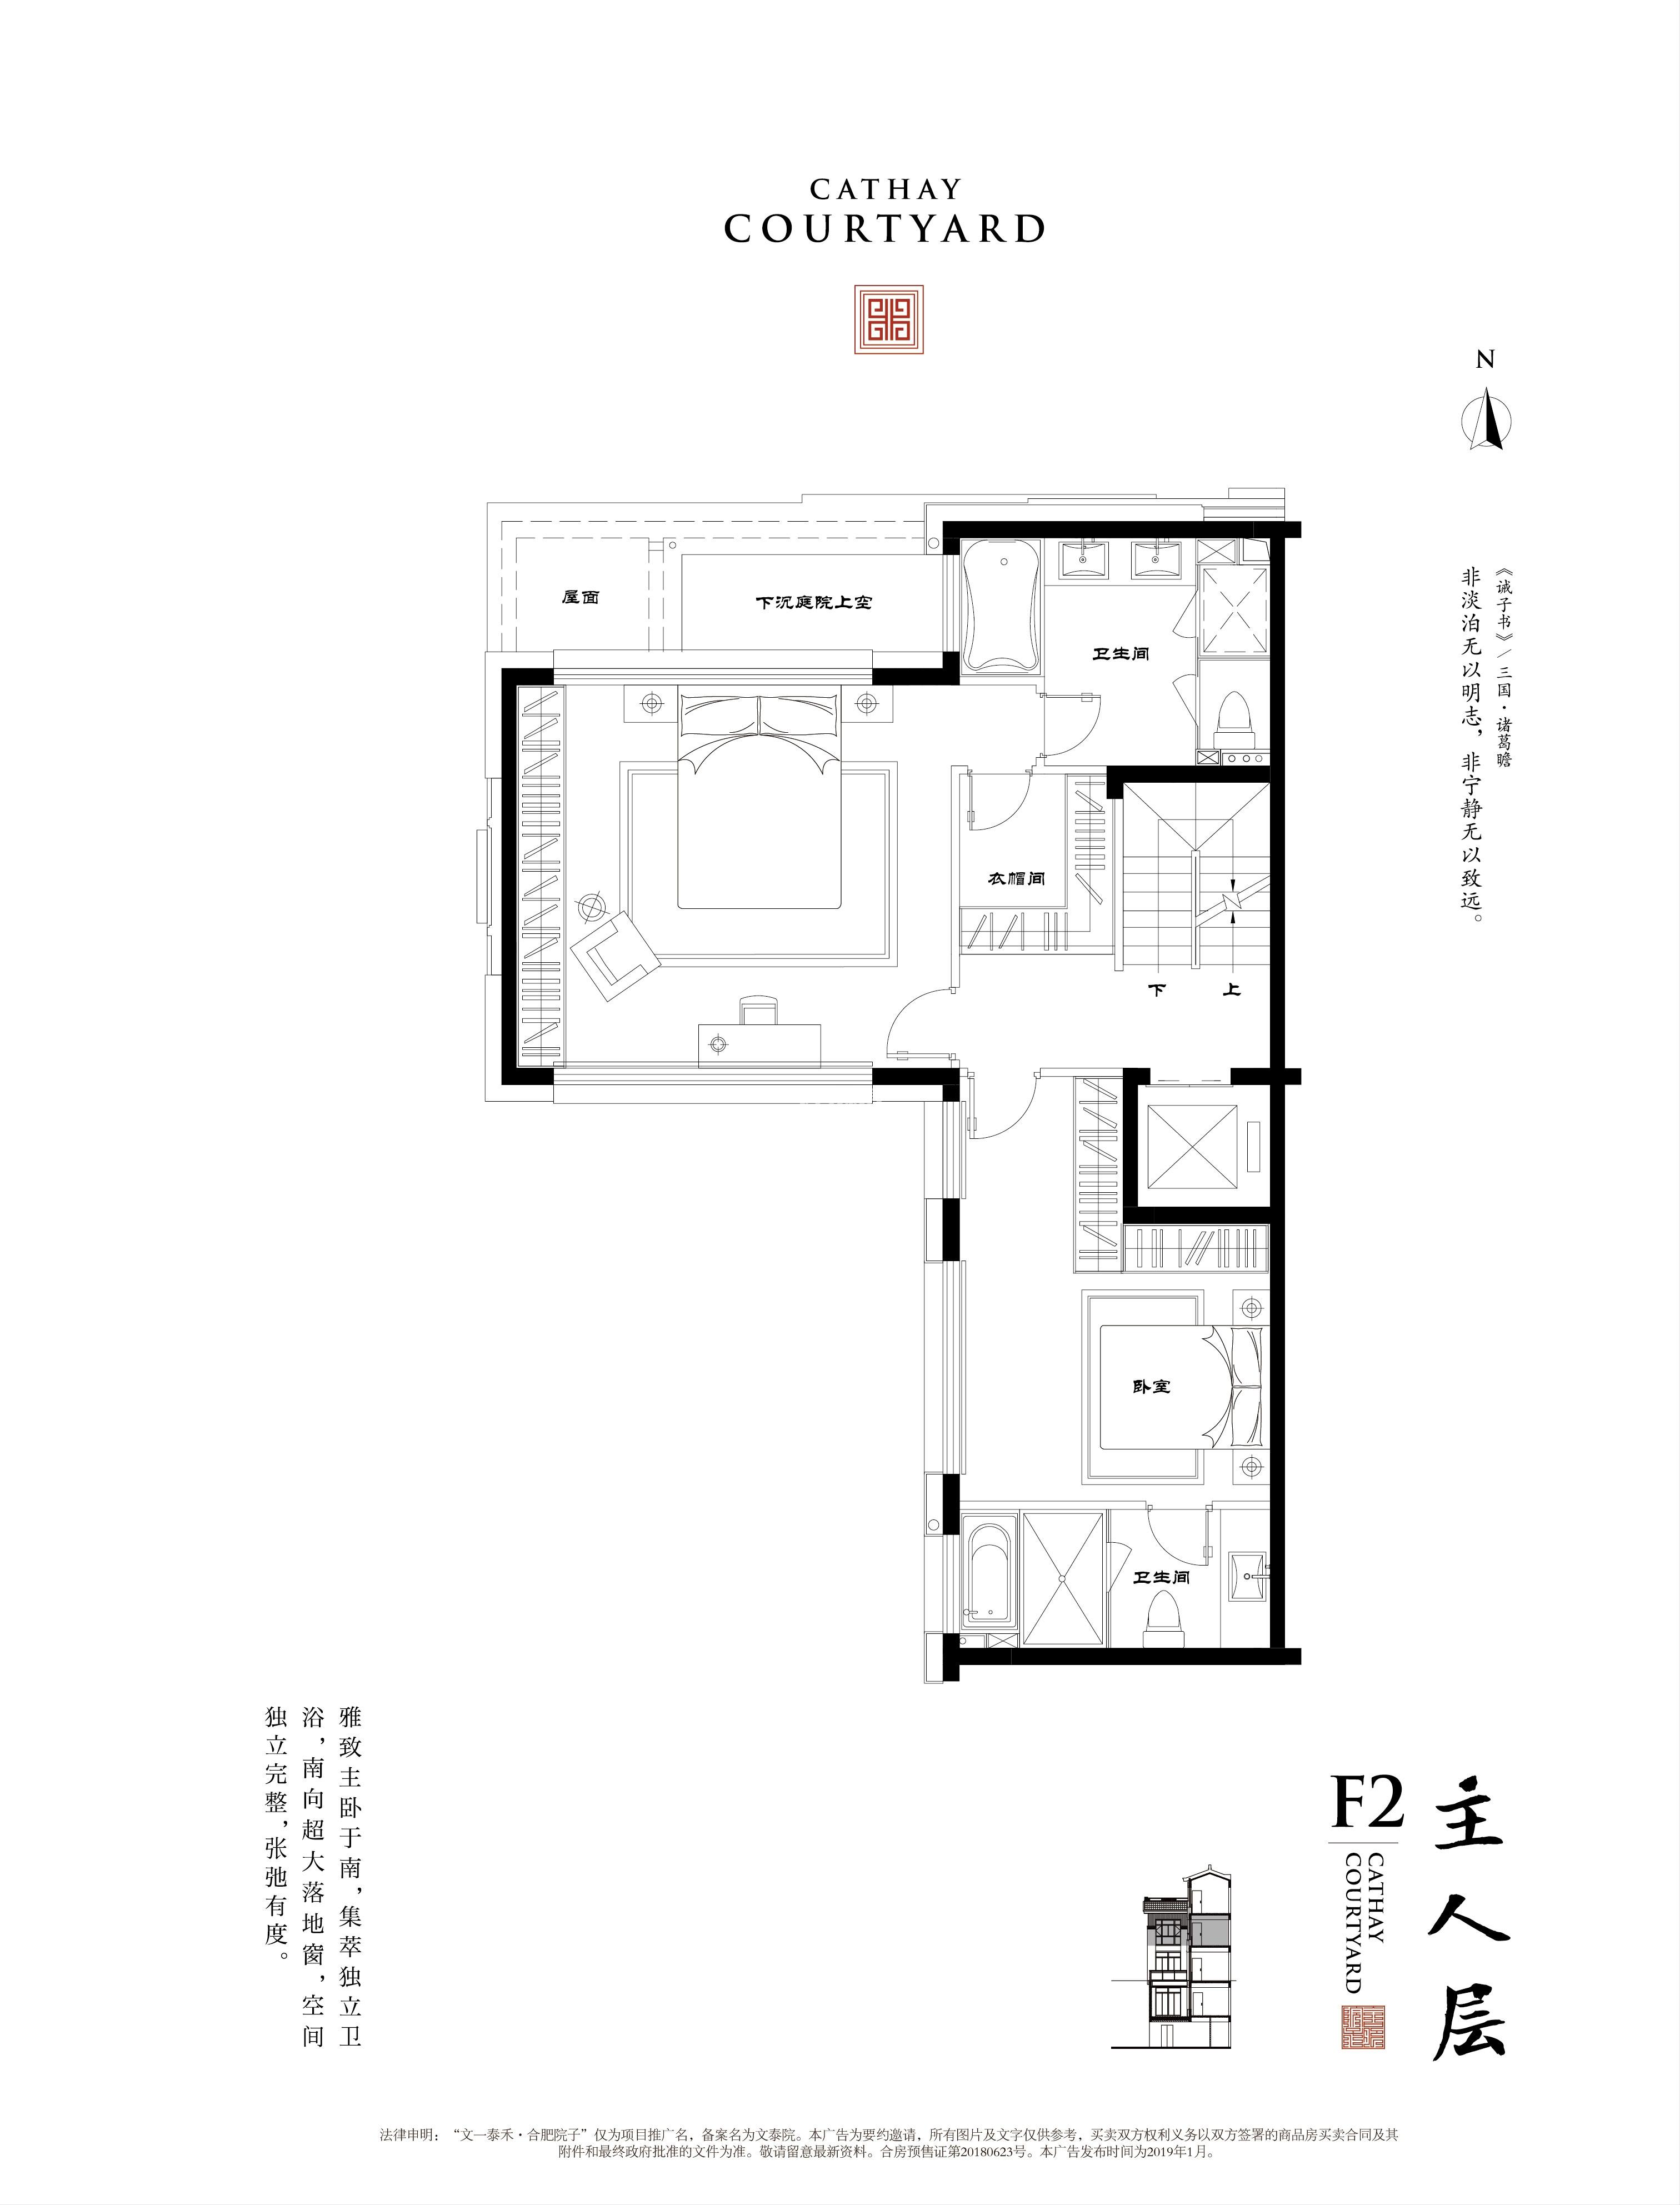 文一泰禾合肥院子别墅329-425㎡满庭芳F2主人层户型图